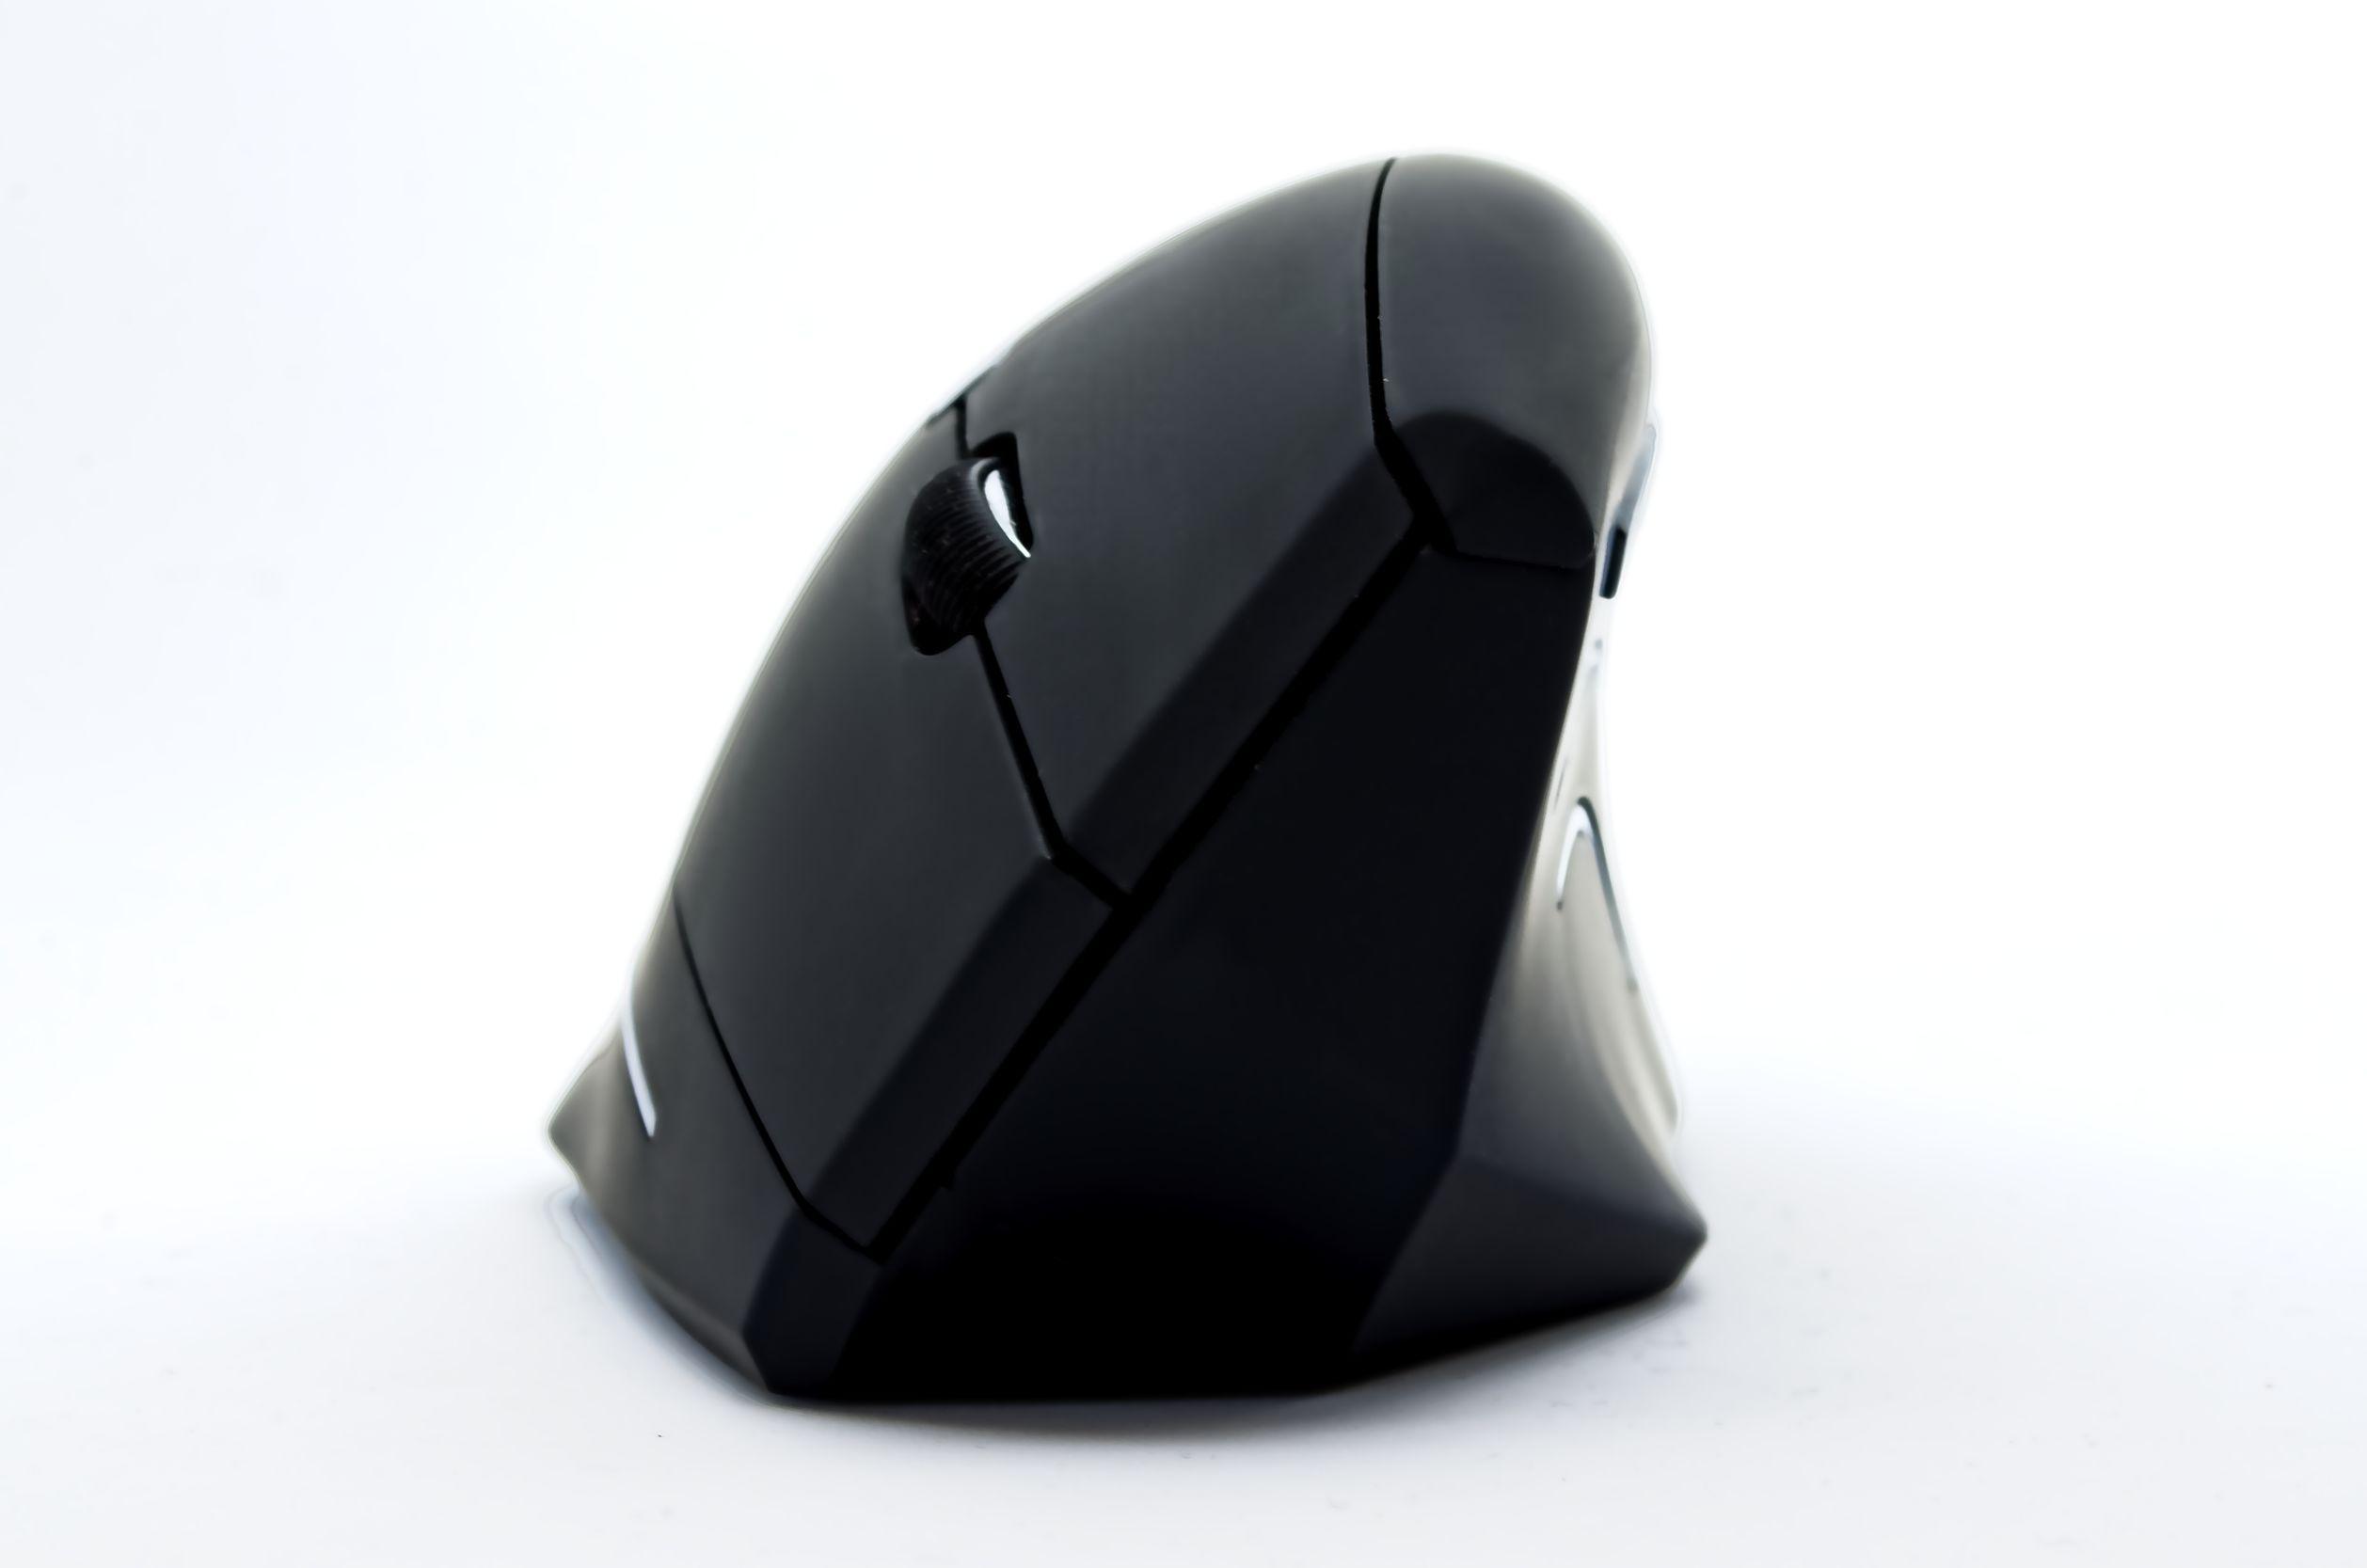 Imagem mostra um mouse vertical sobre um notebook.